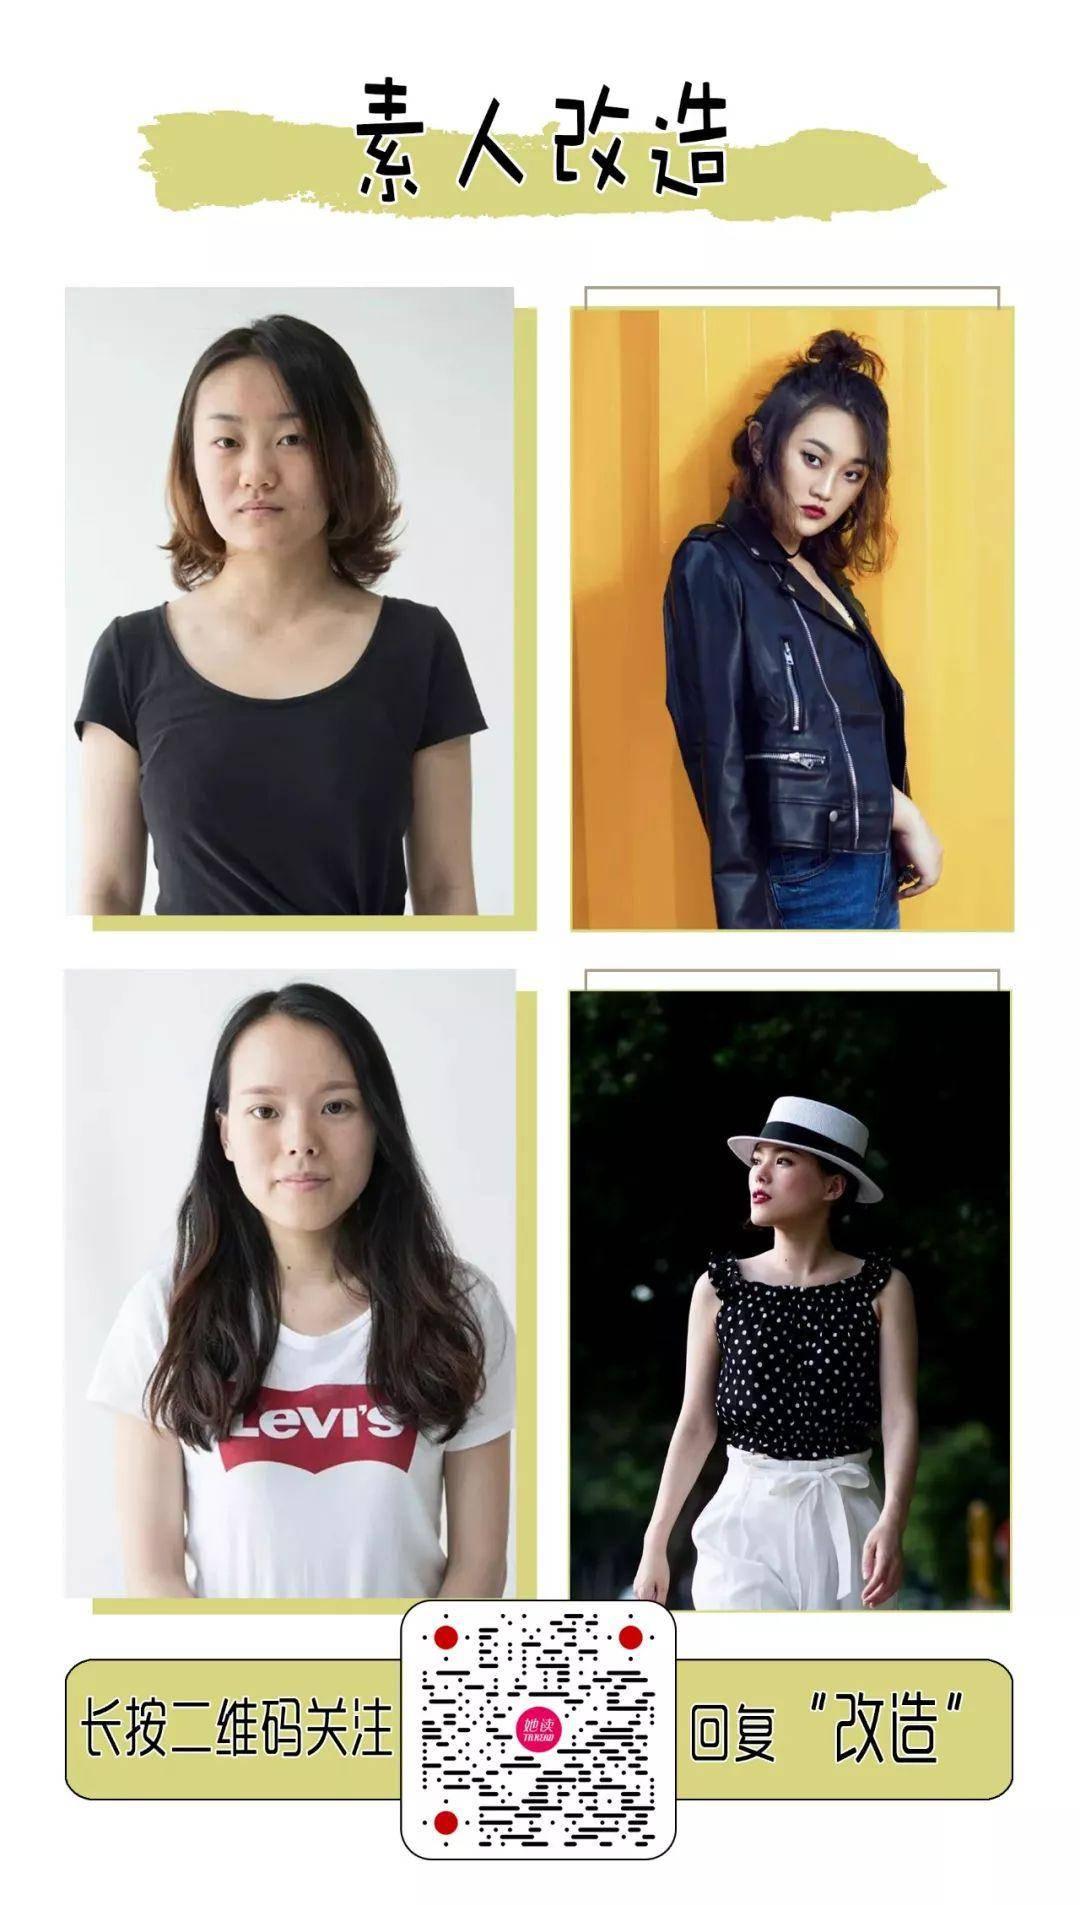 女人帮凯西的服装_法国女人的衣橱只有4件衣服,却穿出了100种搭配!_改造